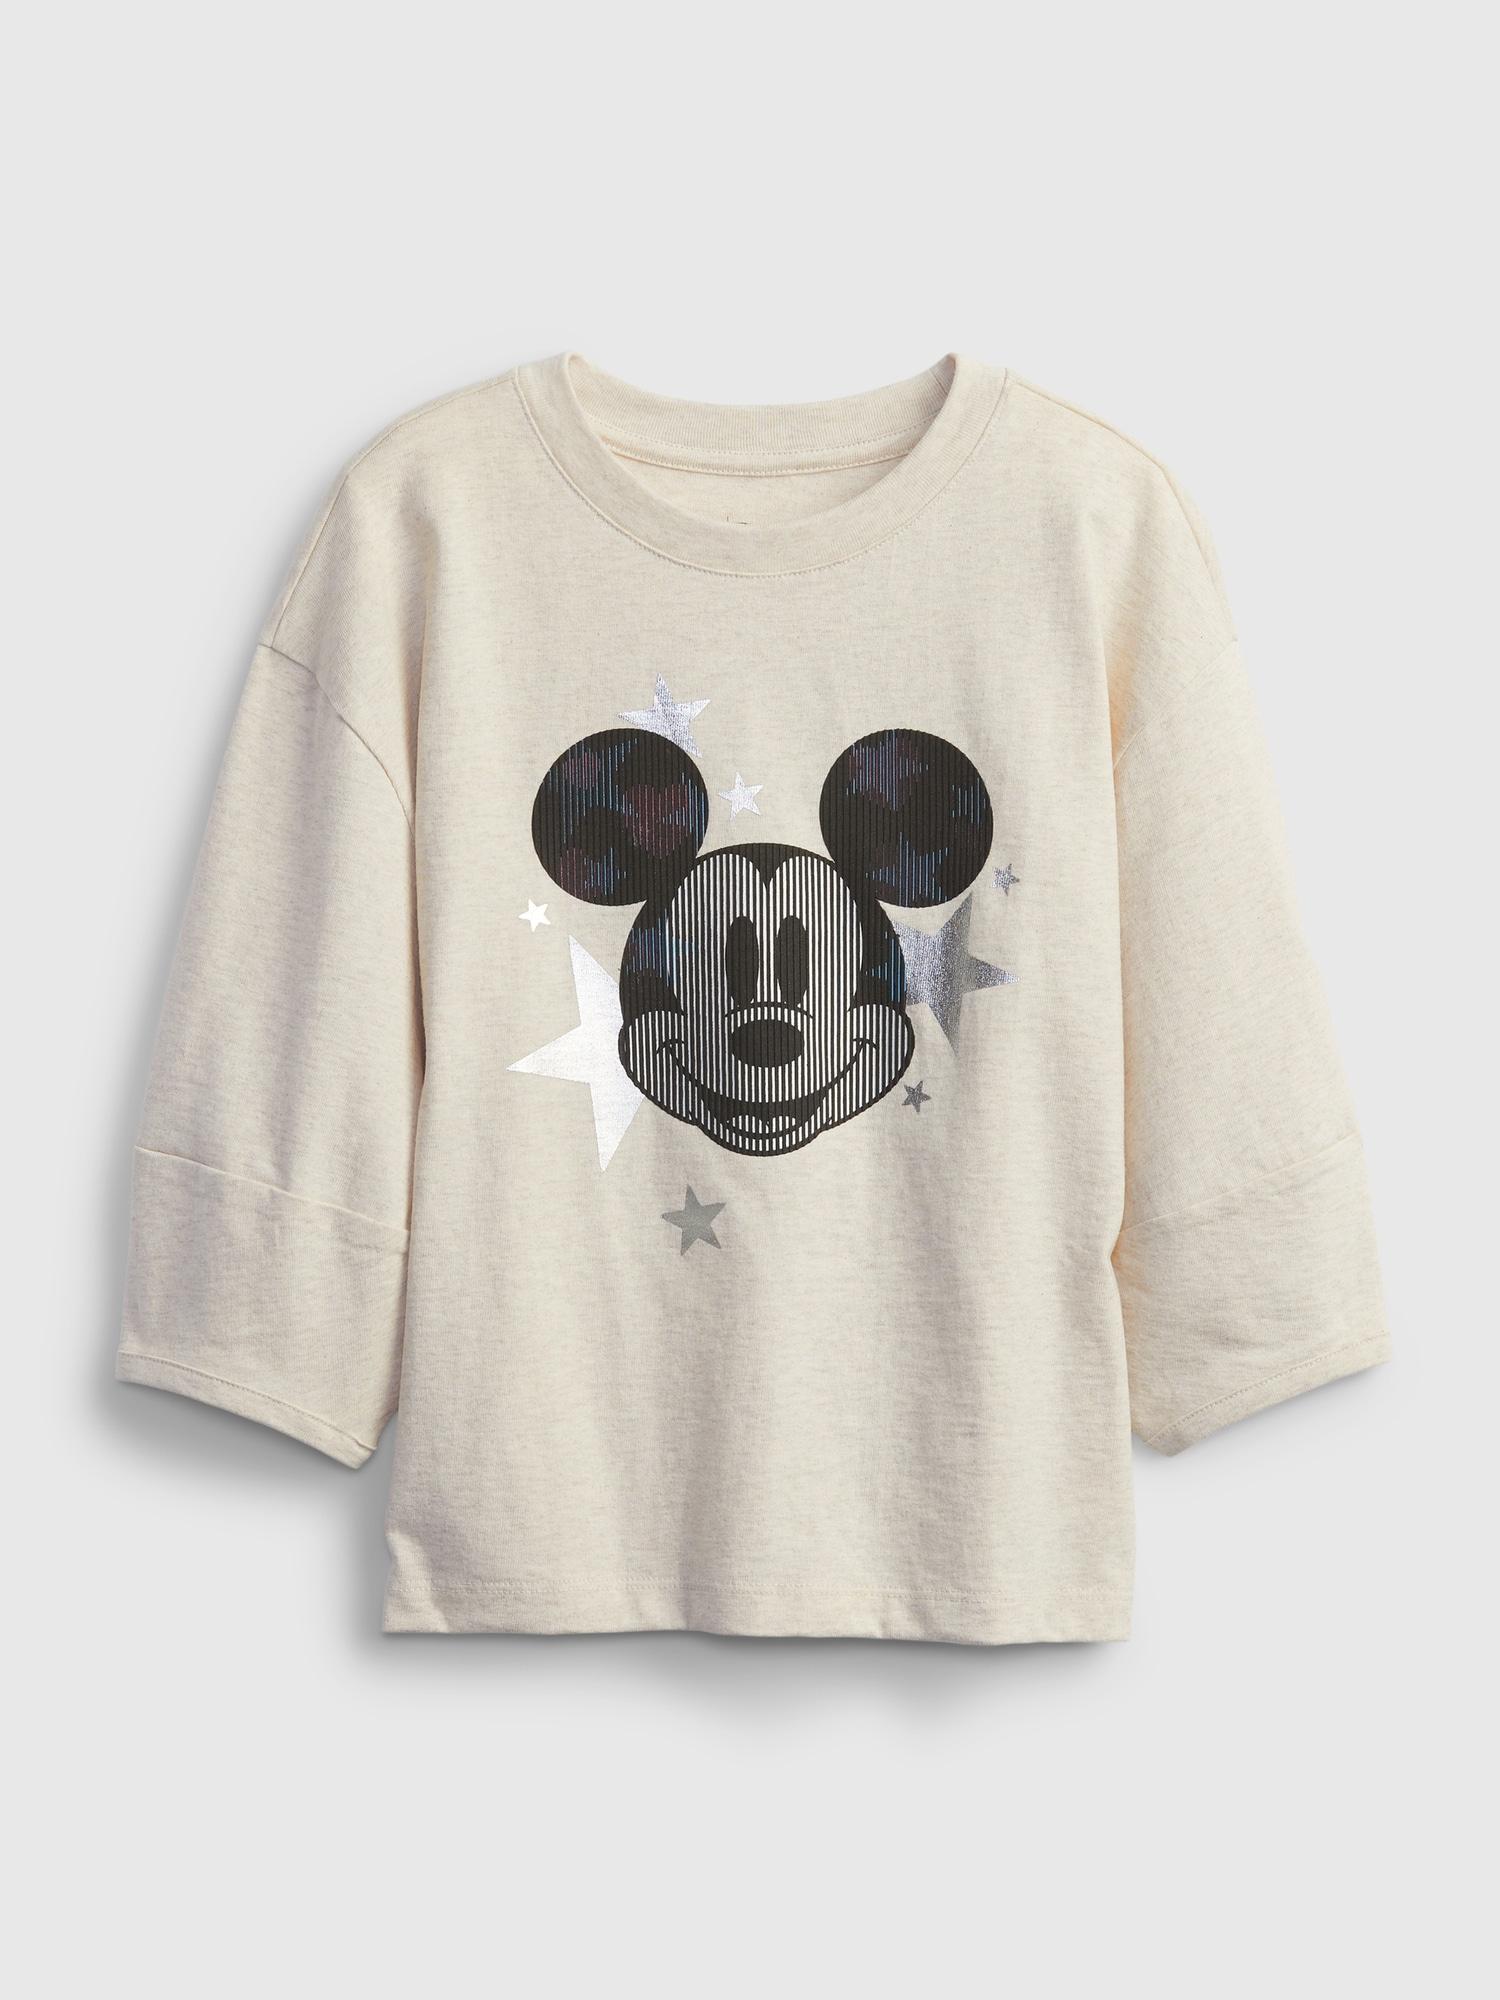 Babygap ディズニー ミッキーマウス グラフィック Tシャツ